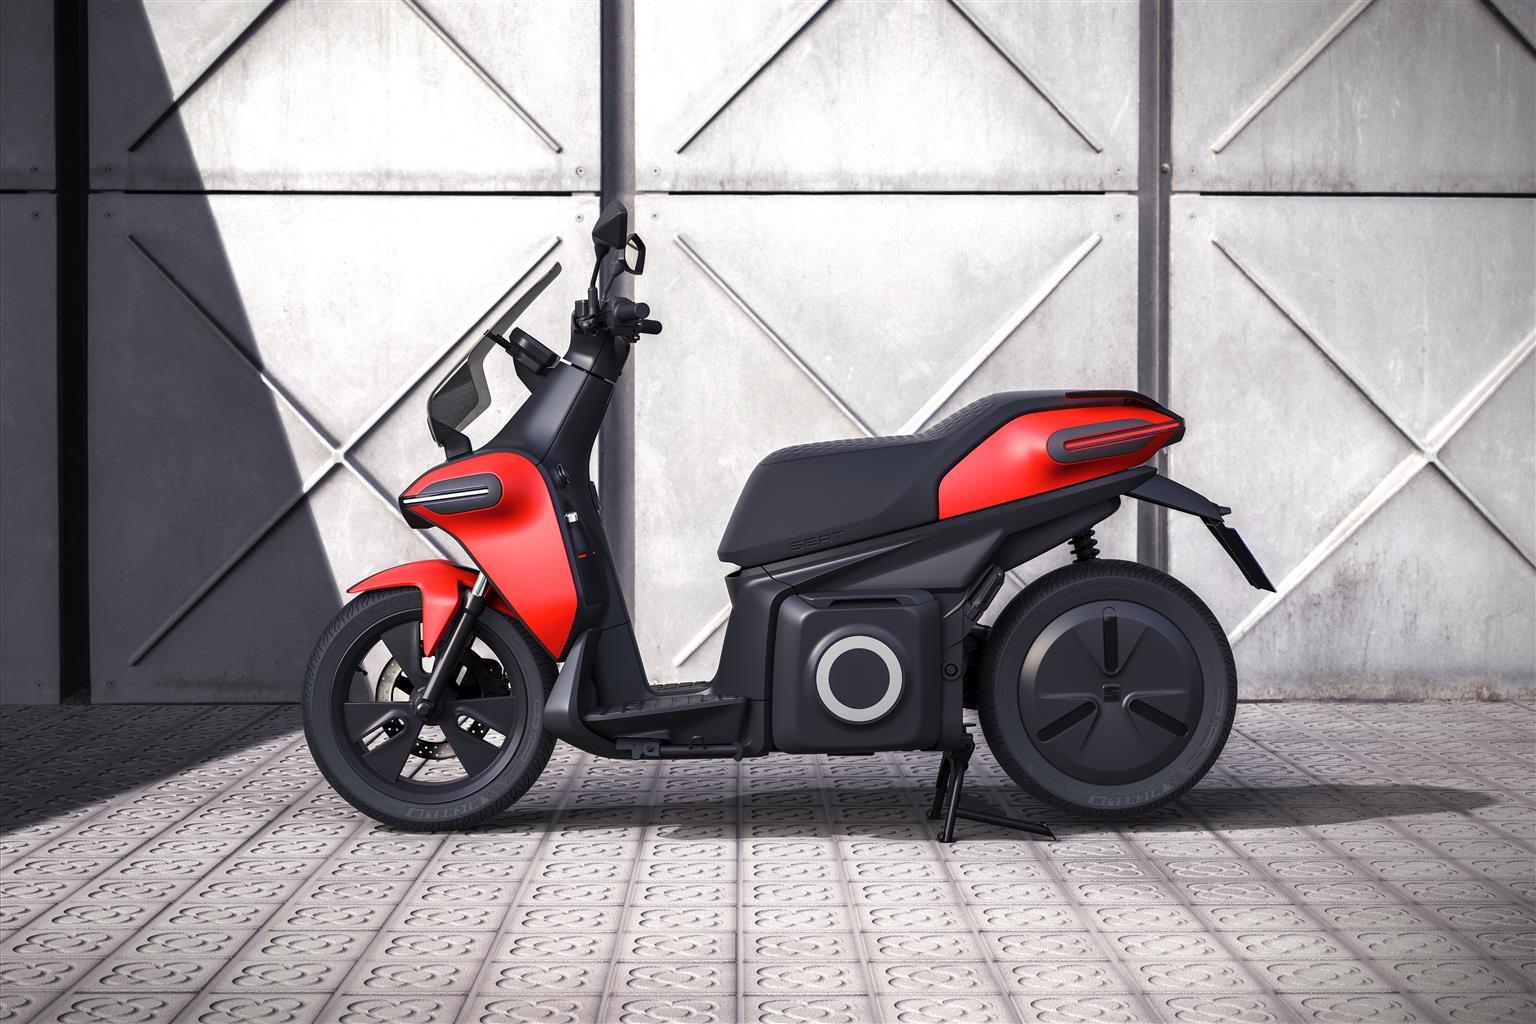 In occasione della nonaedizione dello Smart City Expo World Congress, Seat per la prima volta nei quasi 70 anni di storia della Casa di Barcellona, ha presentato il primo concept di e-Scooter elettrico. L'e-Scooter concept è dotato di un motore da 7 kW con una potenza di picco di 11 kW (14,8 CV), equivalente a 125 cc, in grado di erogare una coppia istantanea di 240 Nm. Lo scooter raggiunge una velocità massima di 100 km/h, sufficiente per accelerare a 50 km/h in soli 3,8 secondi. Inoltre, vanta un'autonomia di 115 km secondo i test WMTC. La batteria può essere facilmente rimossa e caricata nelle stazioni di ricarica domestiche o pubbliche a un costo stimato per tutti i clienti di soli € 0,70 per ogni 100 km. Inoltre, l'e-Scooter concept offre spazio sufficiente per custodire due caschi sotto il sedile, è connesso e gli utenti possono monitorare il livello di carica della batteria o la posizione tramite un'app mobile.